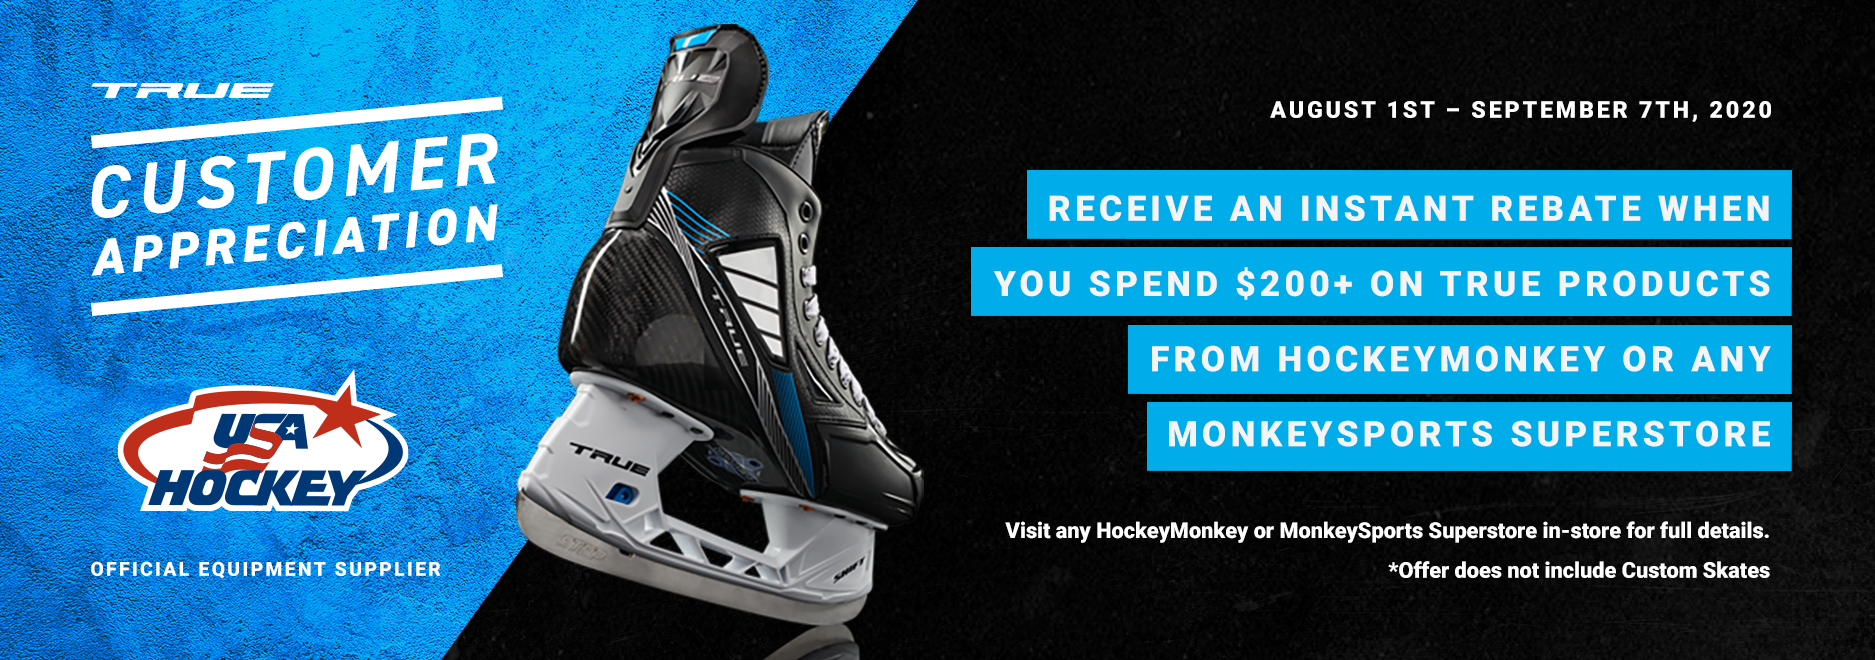 2020 True Hockey Customer Appreciation Savings